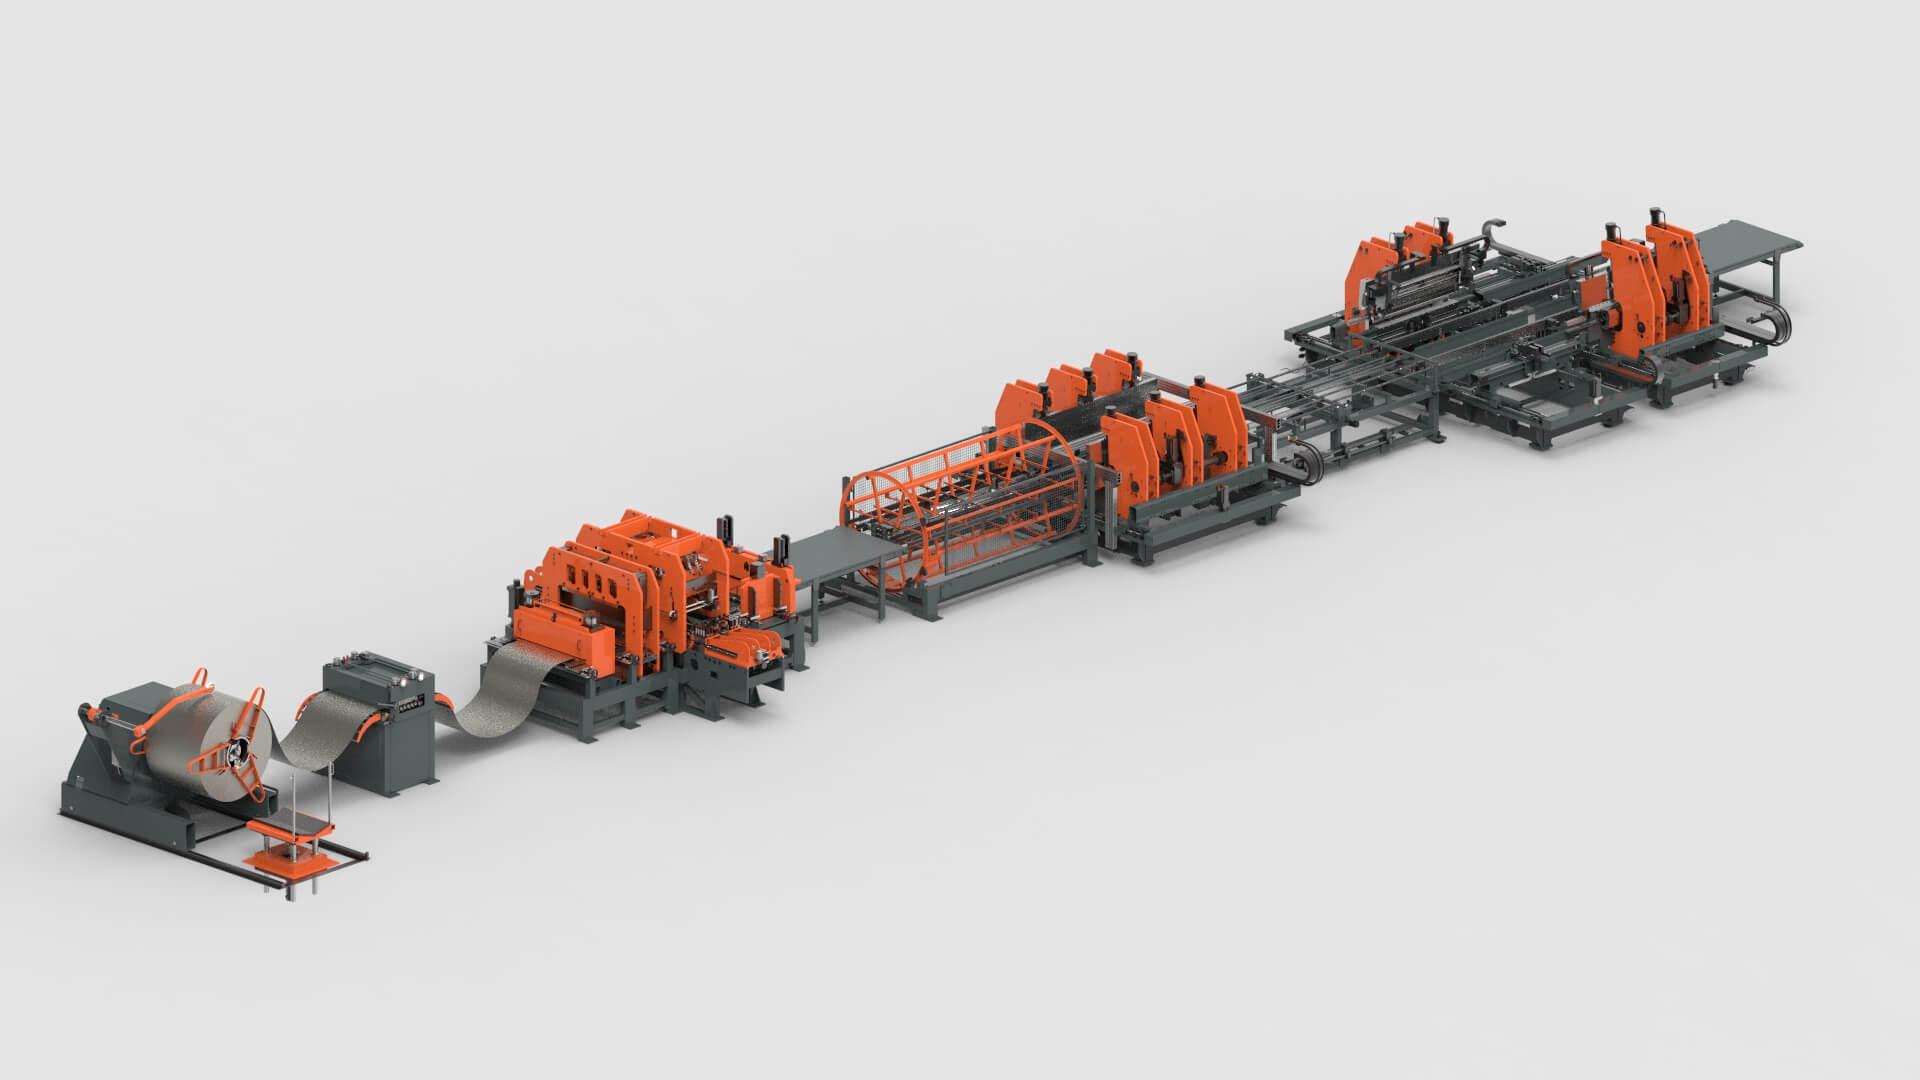 wemo-stahlschränke-blechbearbeitung-coil-stanzen-biegen-produktionslinie.jpg